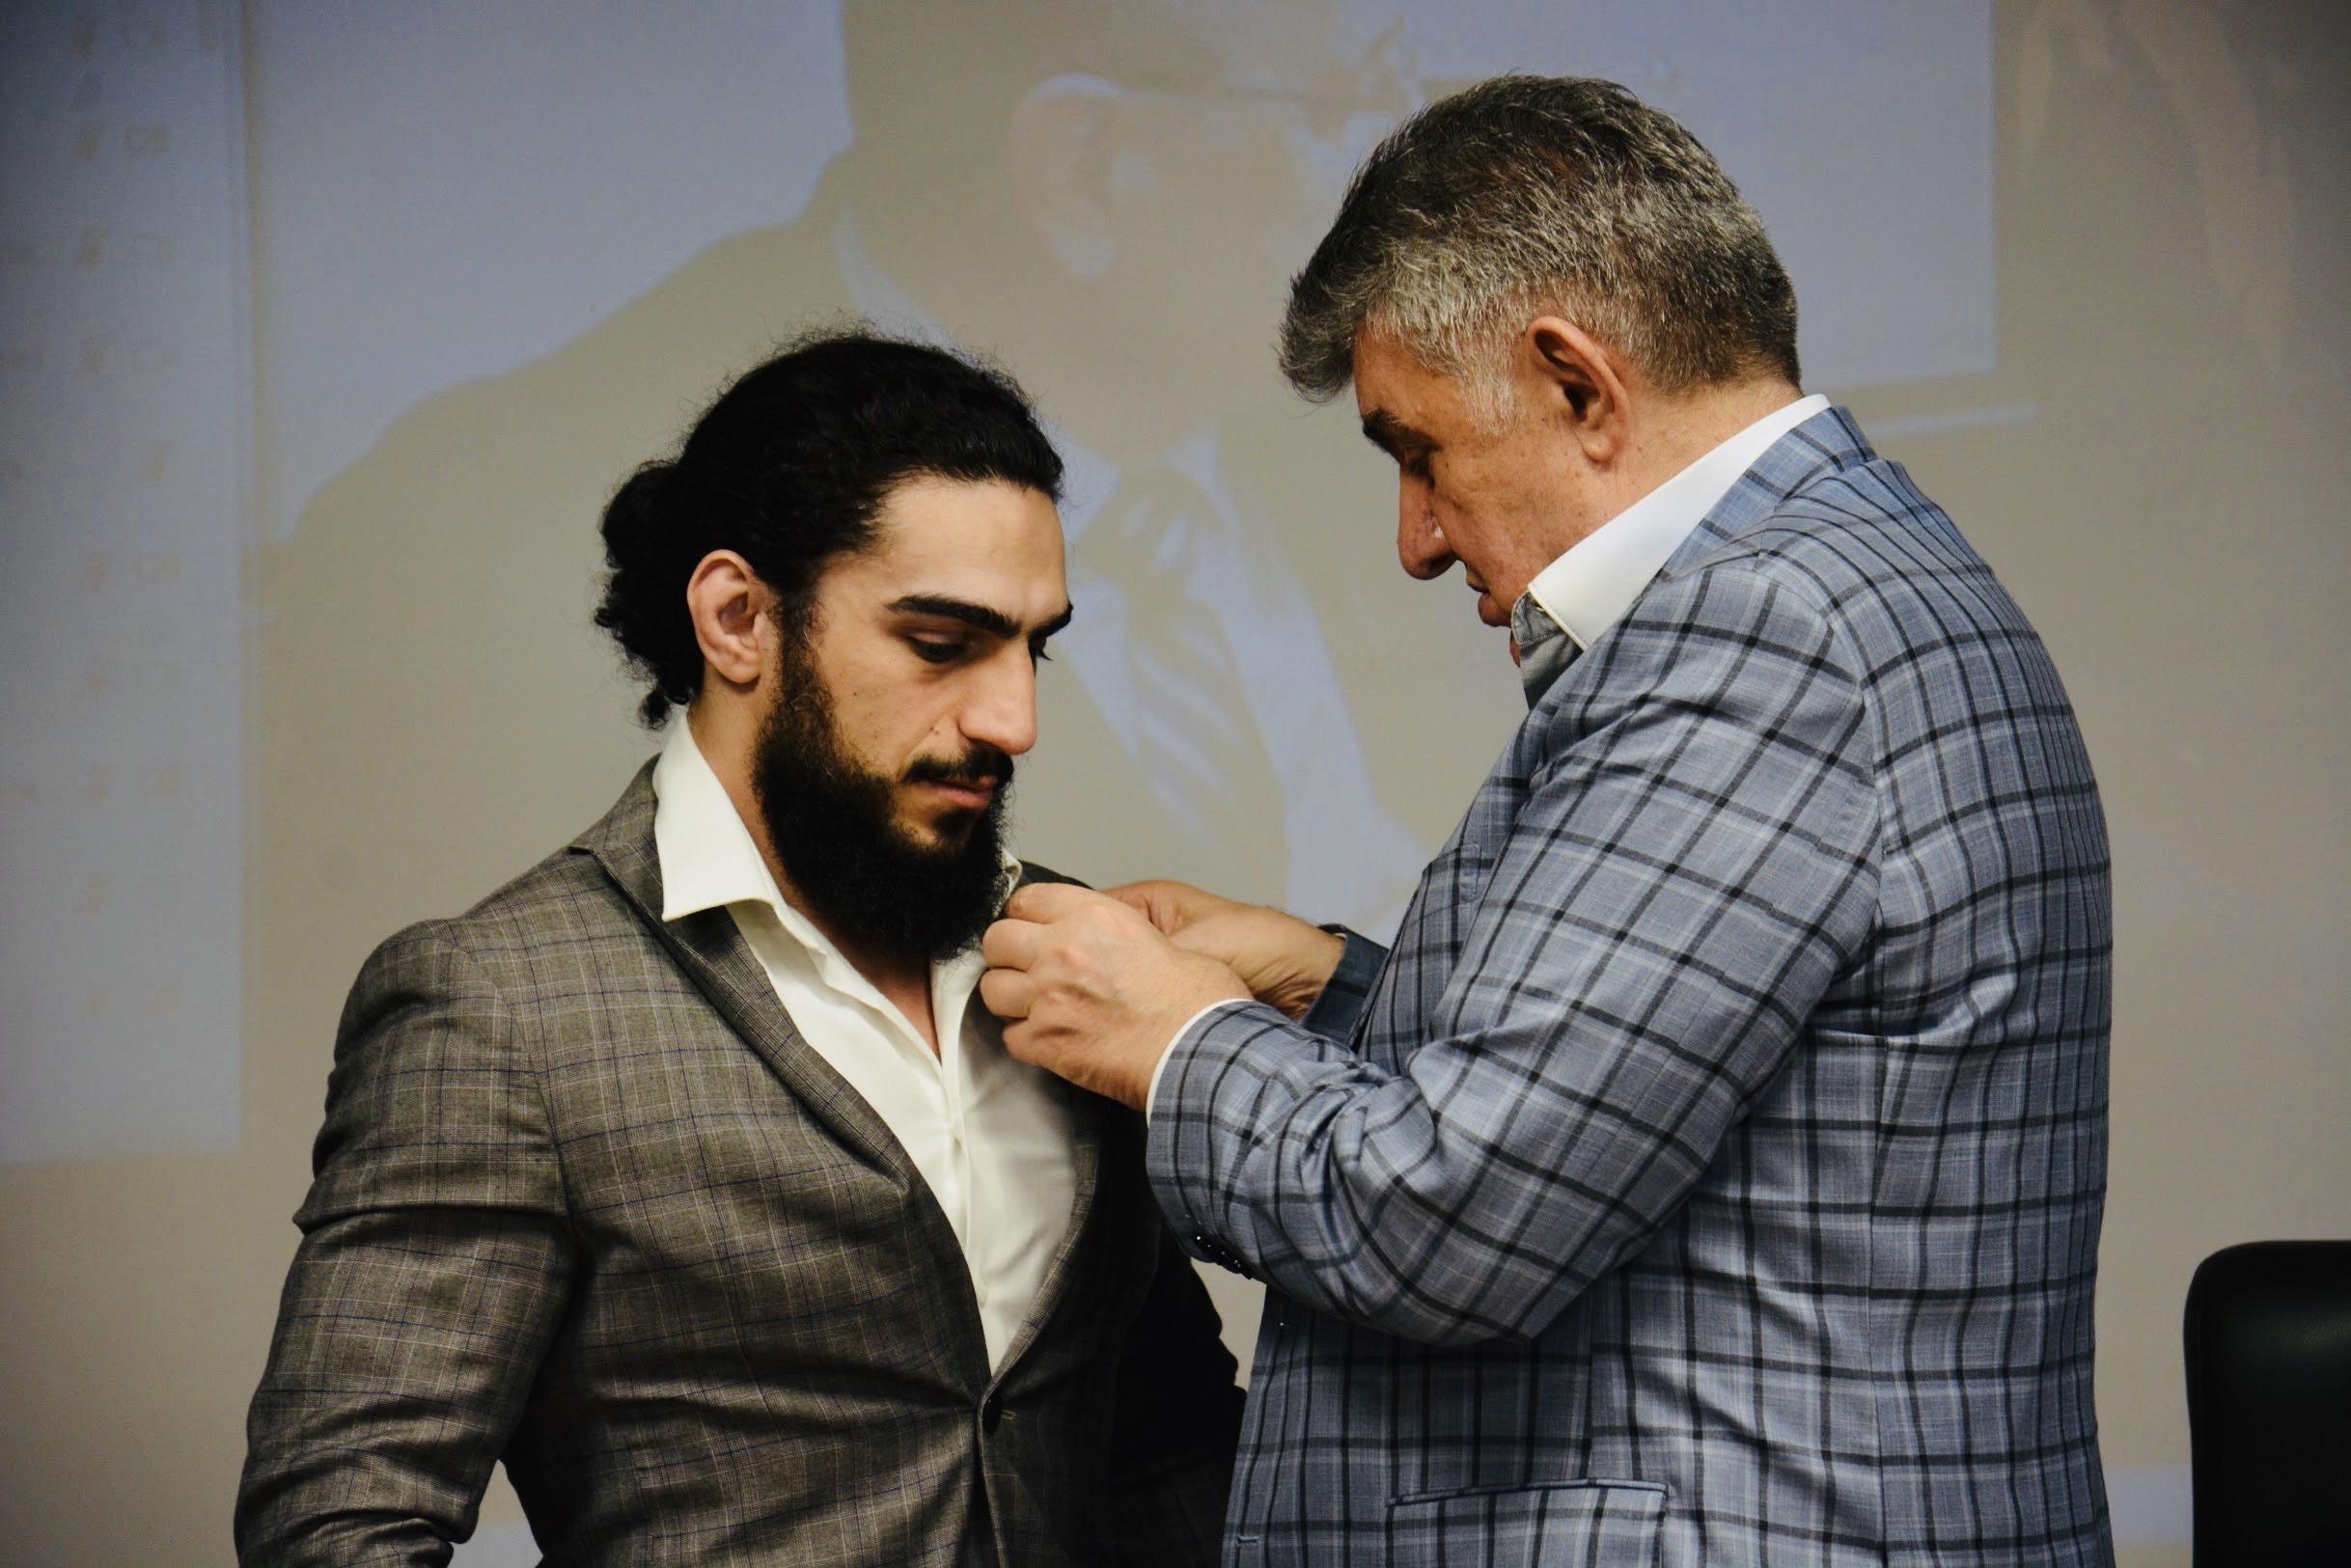 Знаменитый спортсмен Мигран Арутюнян награждён высшей наградой САР - орденом «Золотой крест»